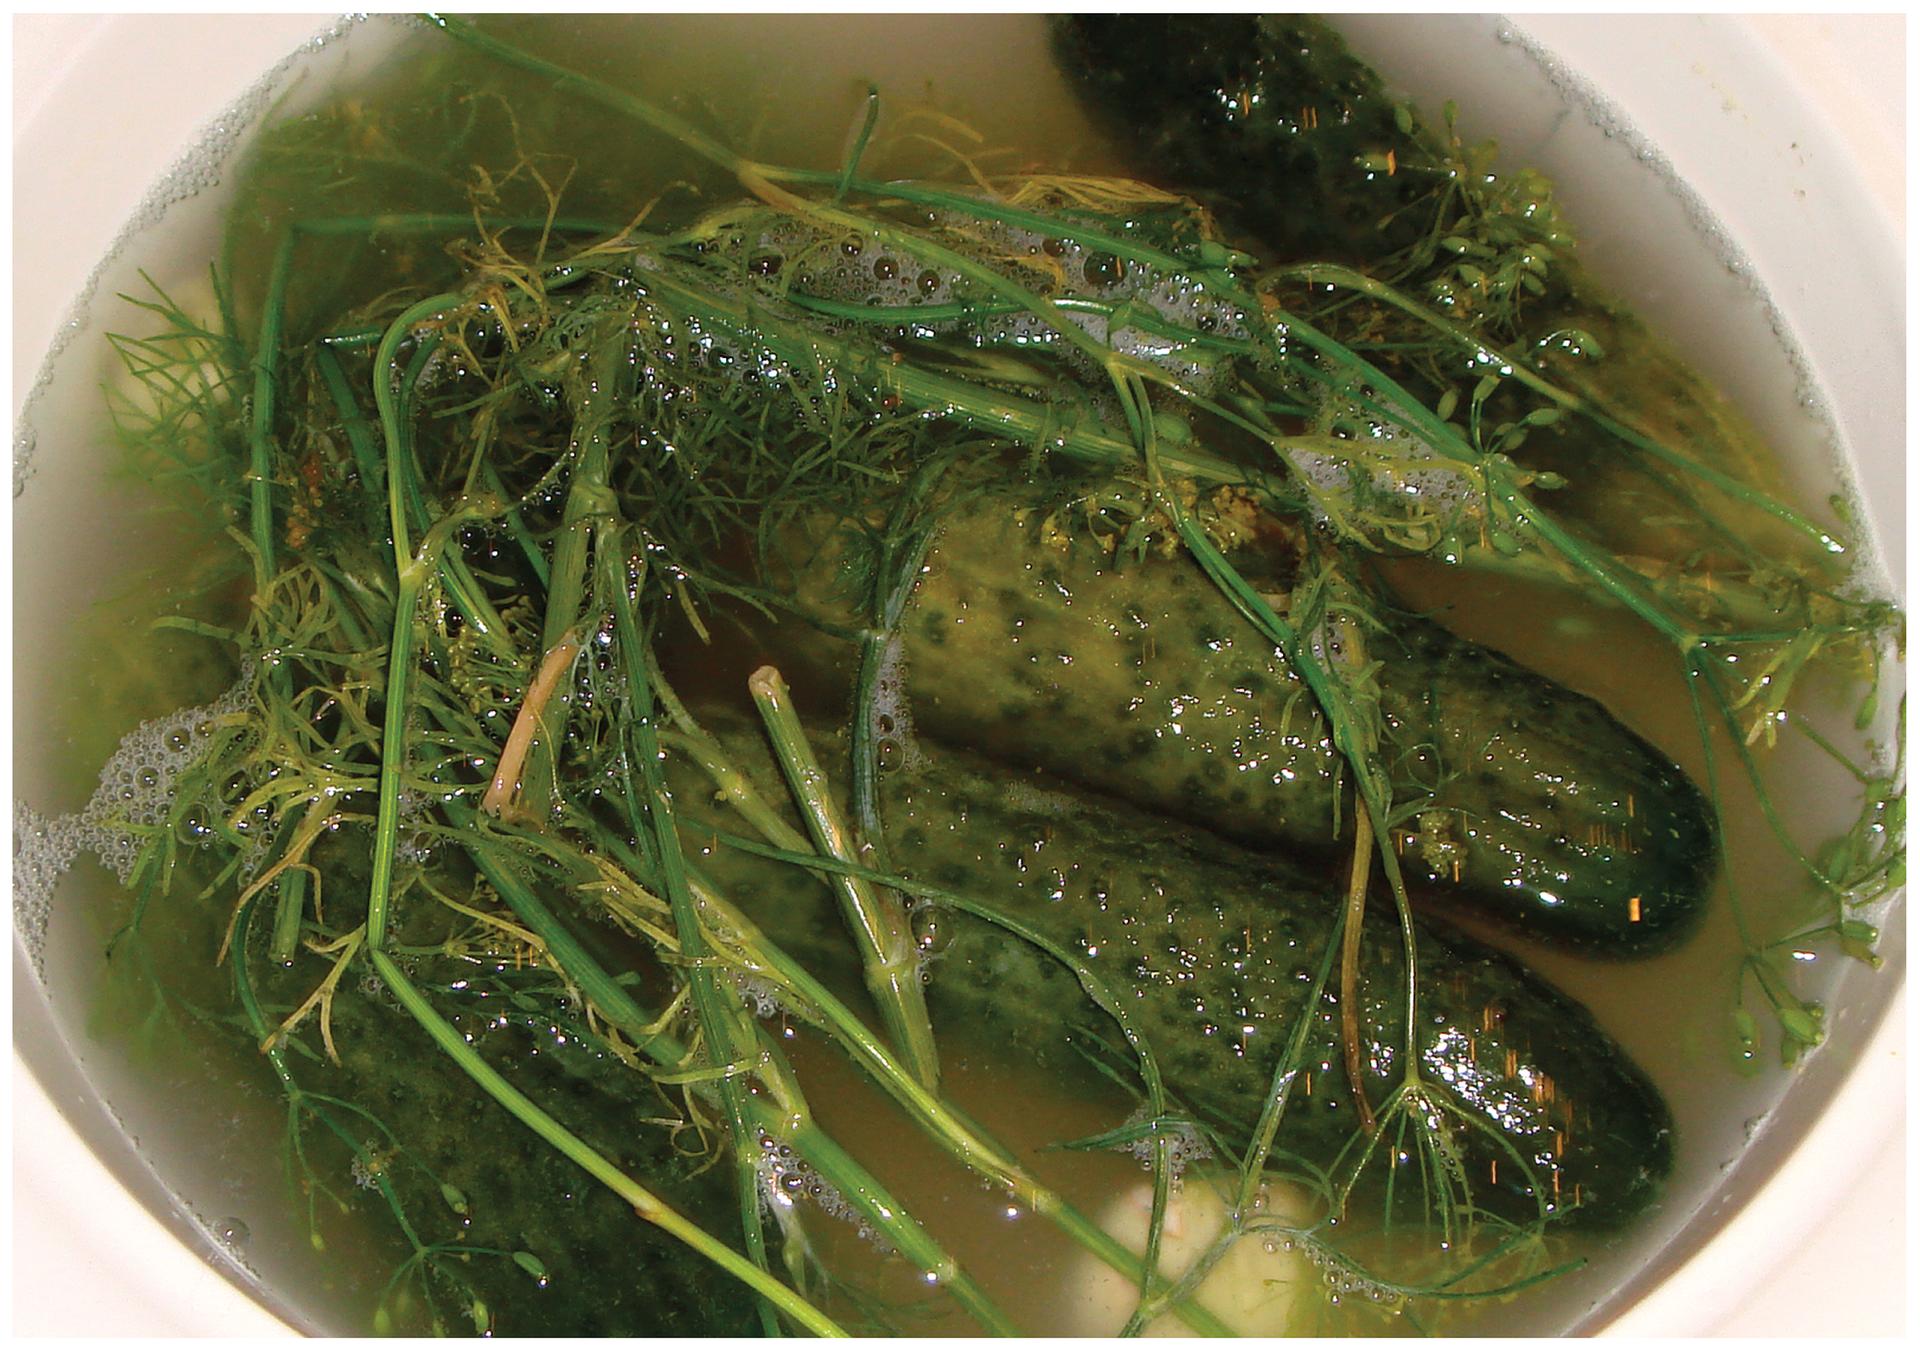 Fotografia przedstawia dwa ogórki kiszone wnaczyniu, okryte częściowo przykryte gałązkami kopru. Jest to ilustracja znaczenia bakterii wprzemyśle spożywczym do prowadzenia fermentacji.